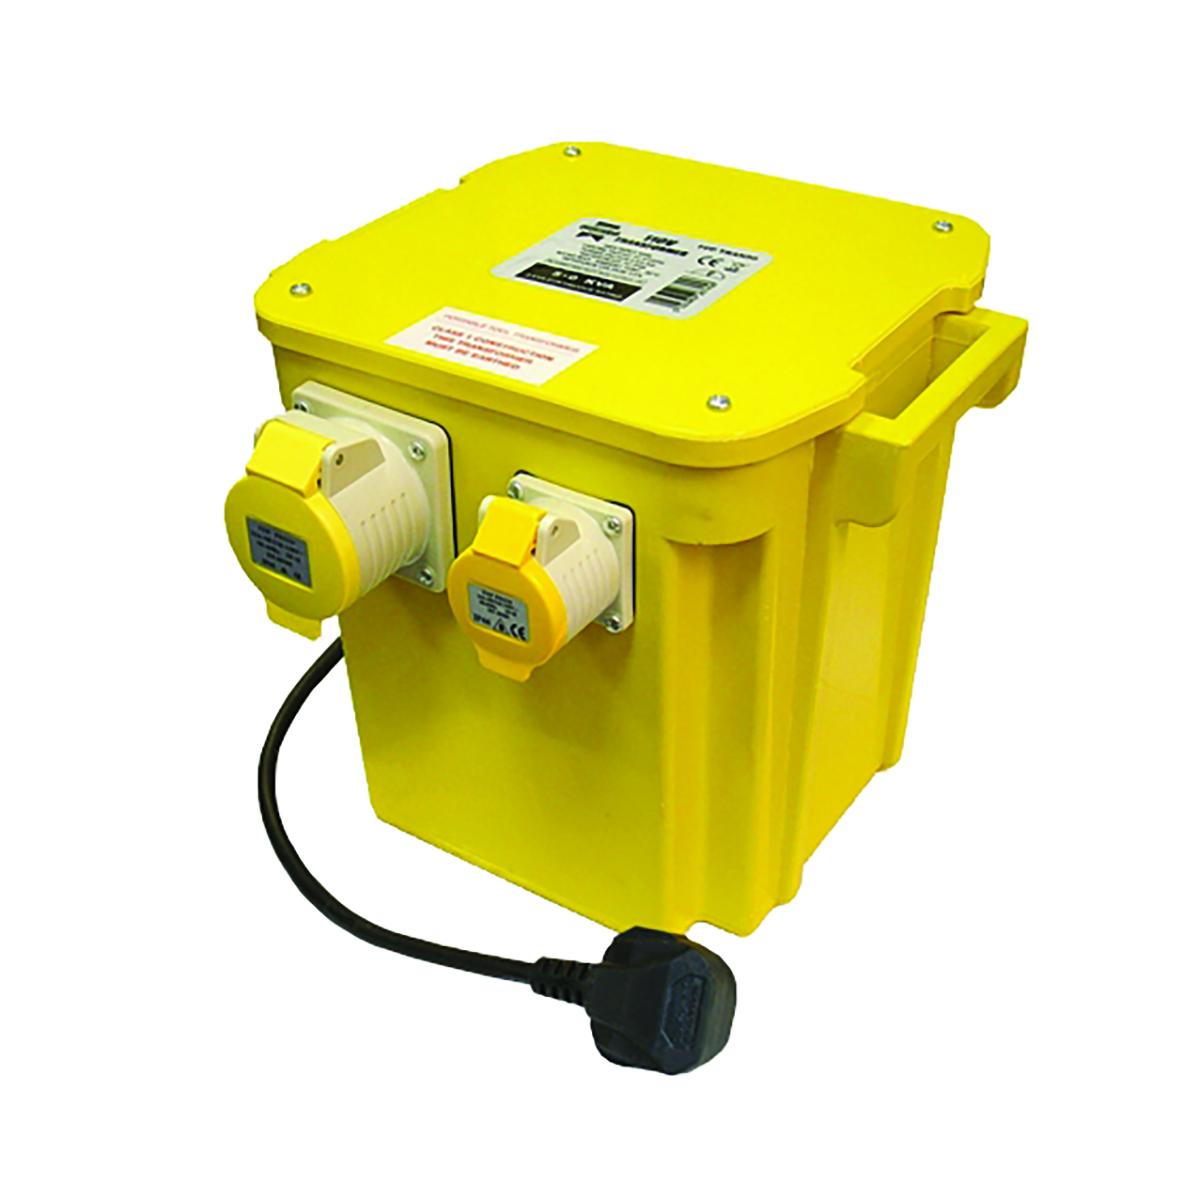 5.0kva (3.5kva continuous) Transformer